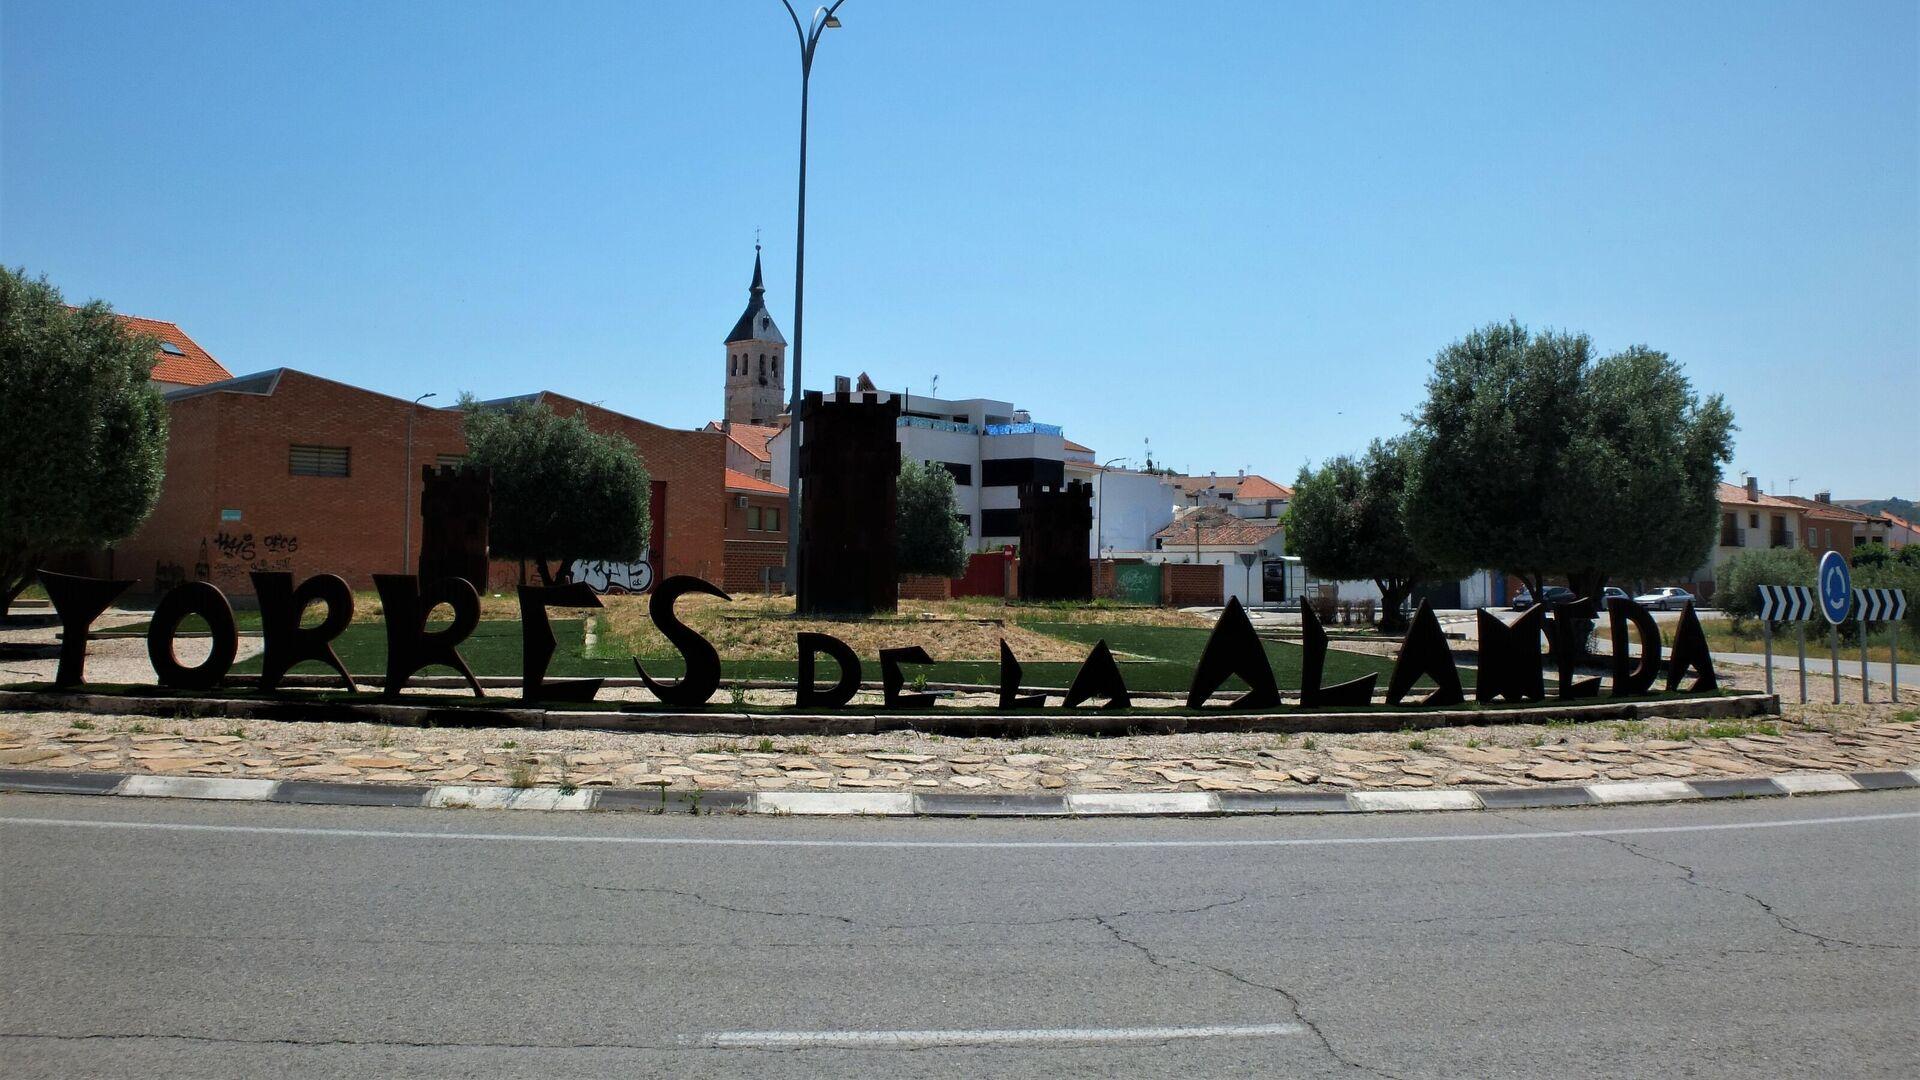 Rotonda a la entrada de Torres de la Alameda (Madrid), localidad donde se pretenden instalar las placas solares - Sputnik Mundo, 1920, 09.06.2021